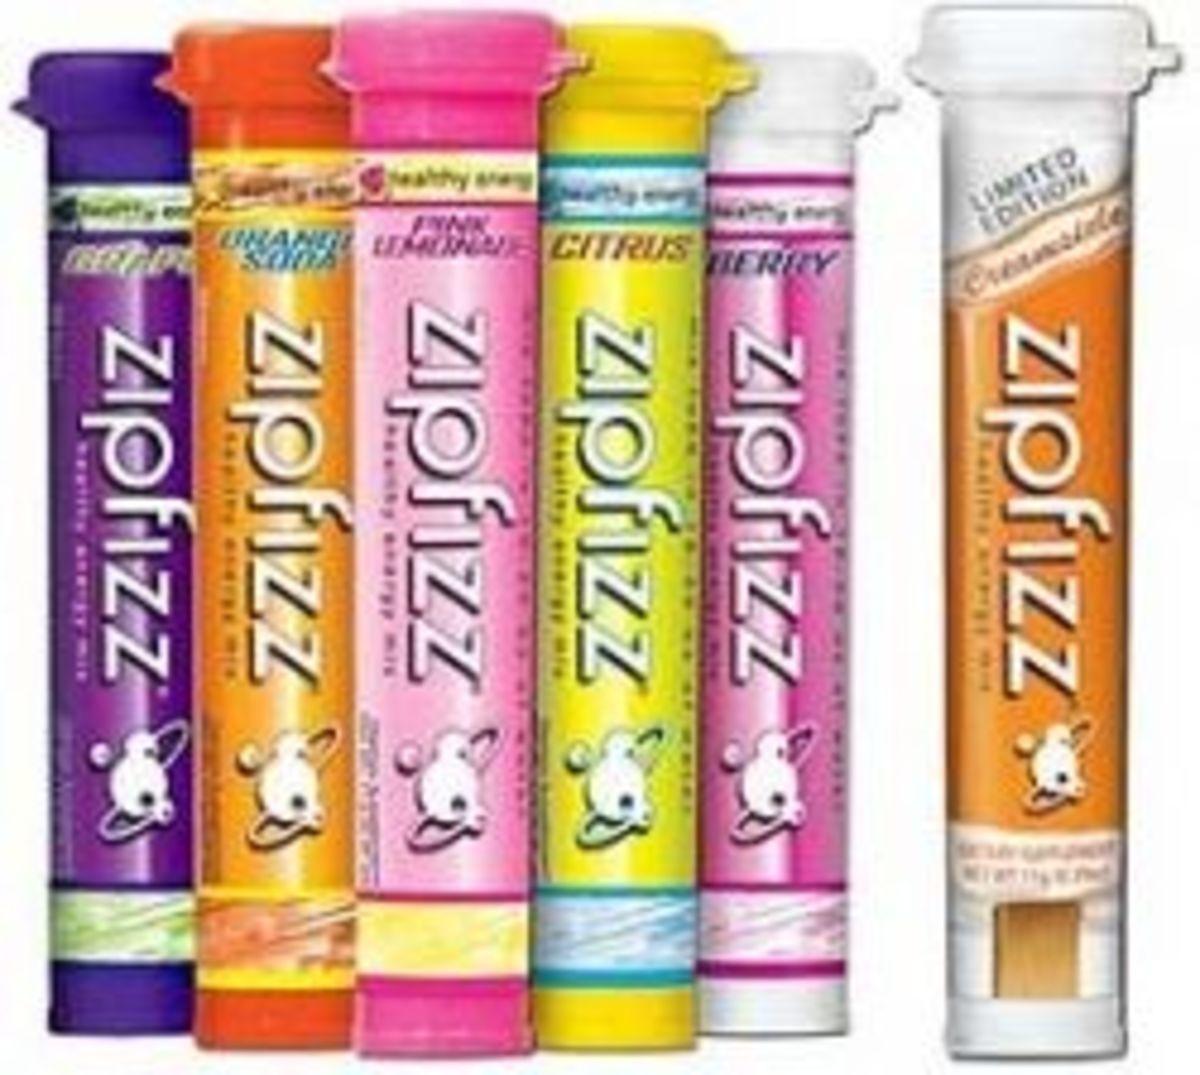 zipfizz-review